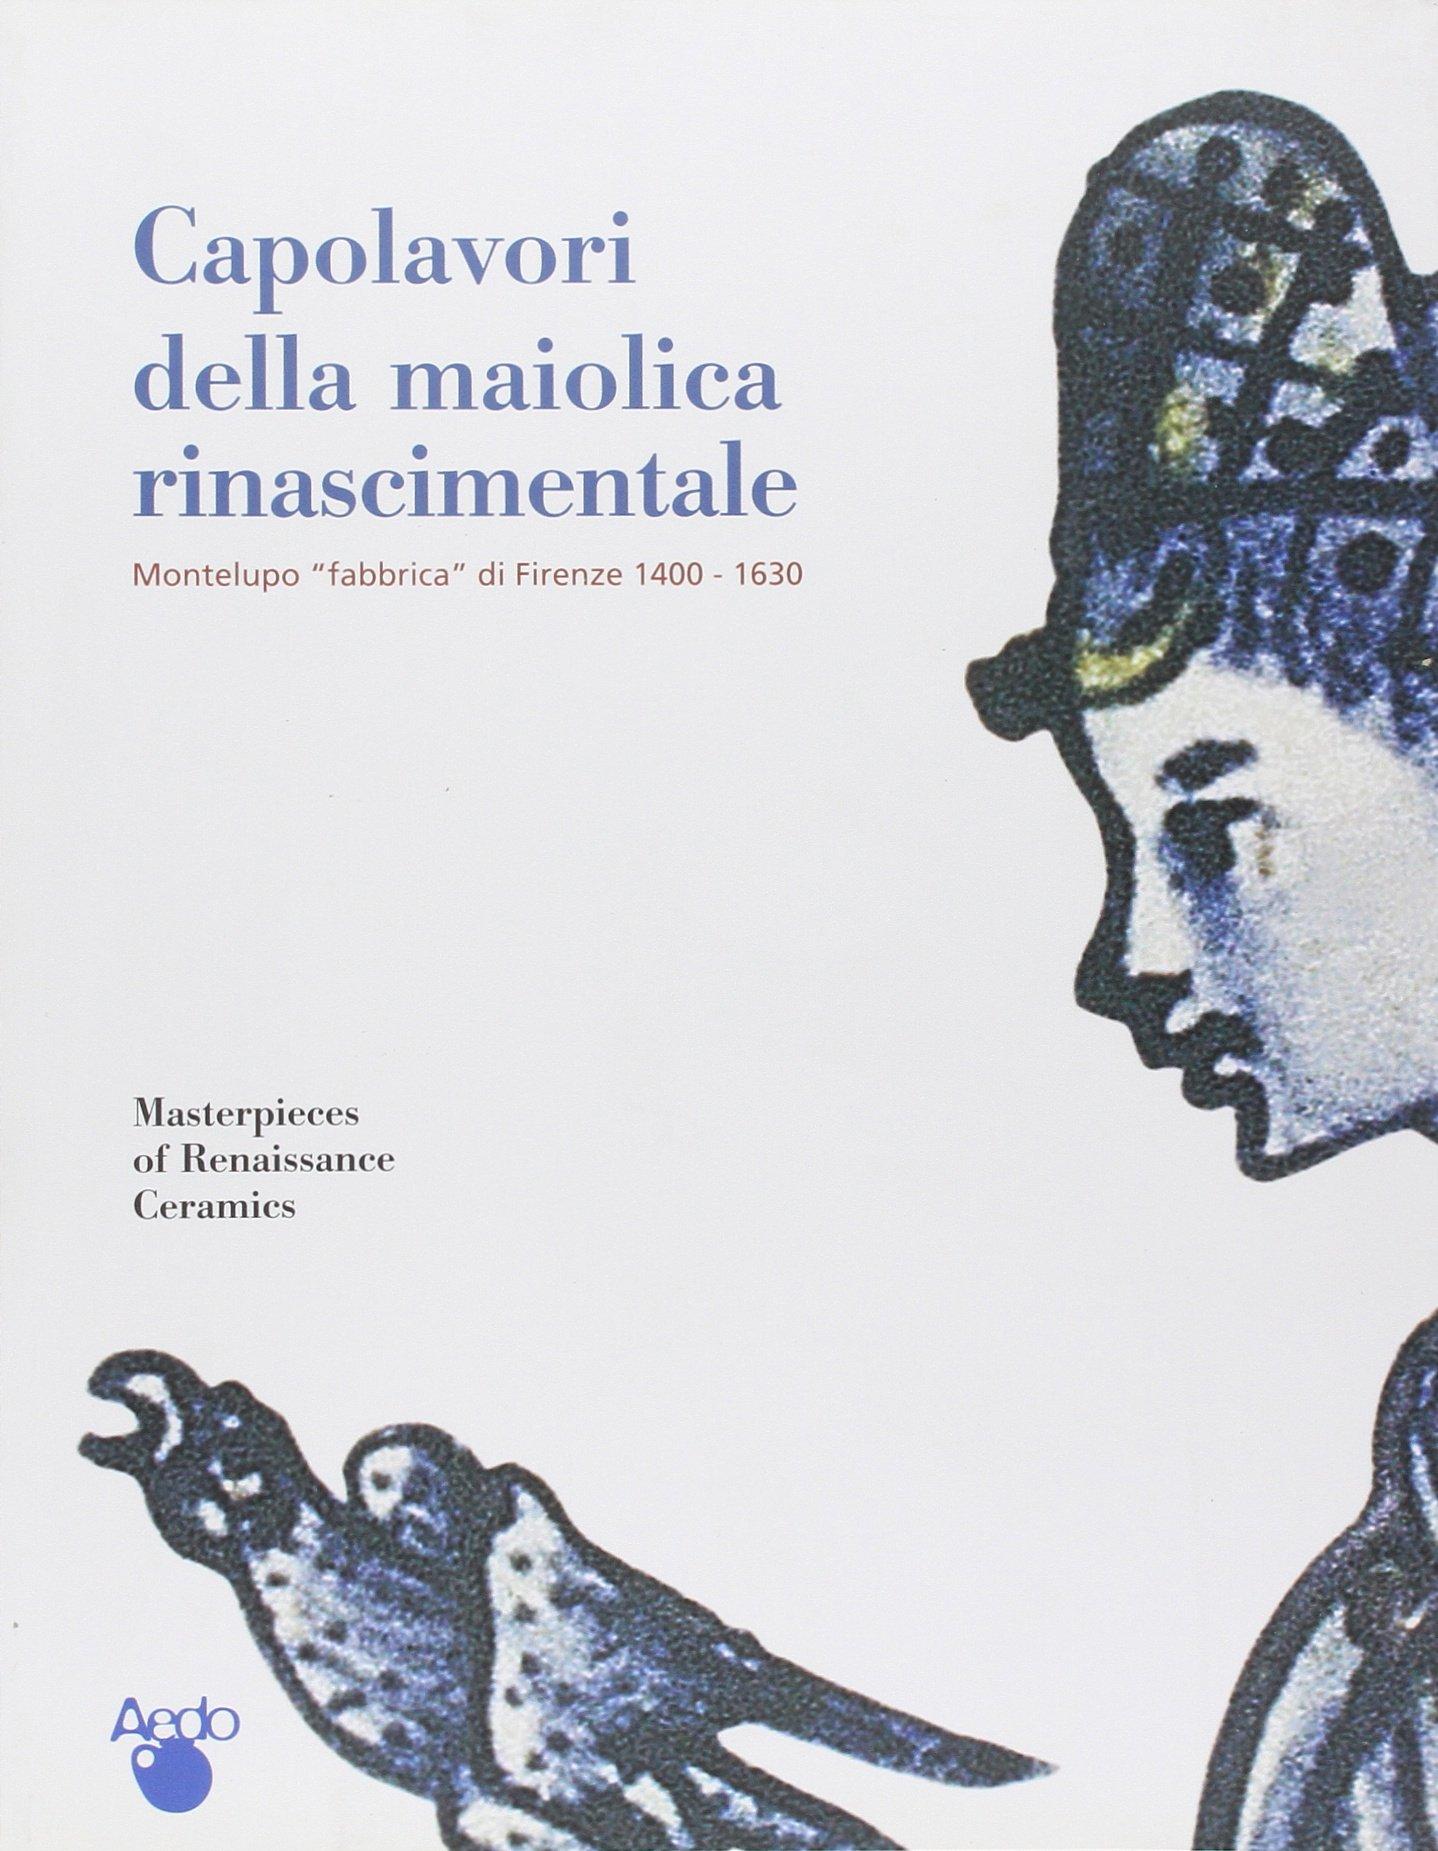 Capolavori della maiolica rinascimentale: Montelupo fabbrica di Firenze : 1400-1630 : Firenze, Palazzo Medici Riccardi, 31 maggio-27 ottobre 2002 ebook